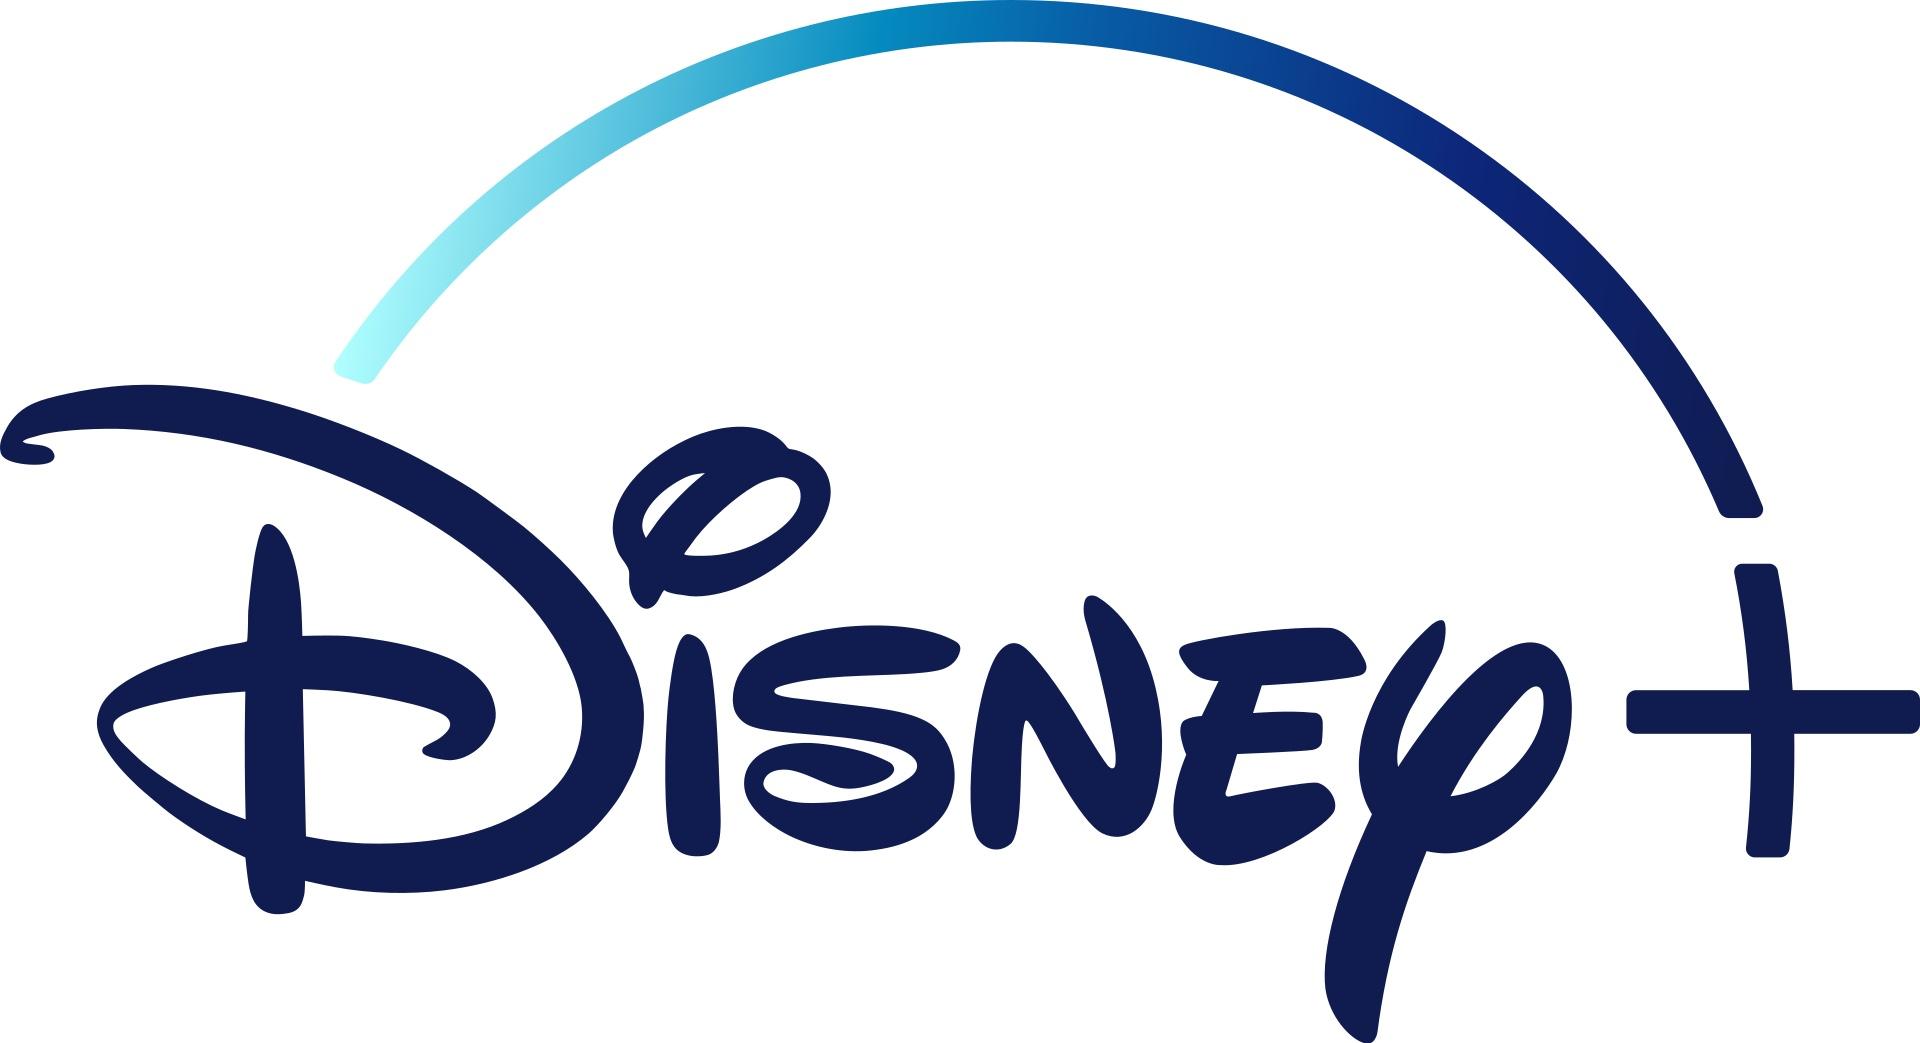 Ahorra más de un 20% en la suscripción anual (69,99€) o mensual (6,99€) a Disney+ antes del 23 de febrero.